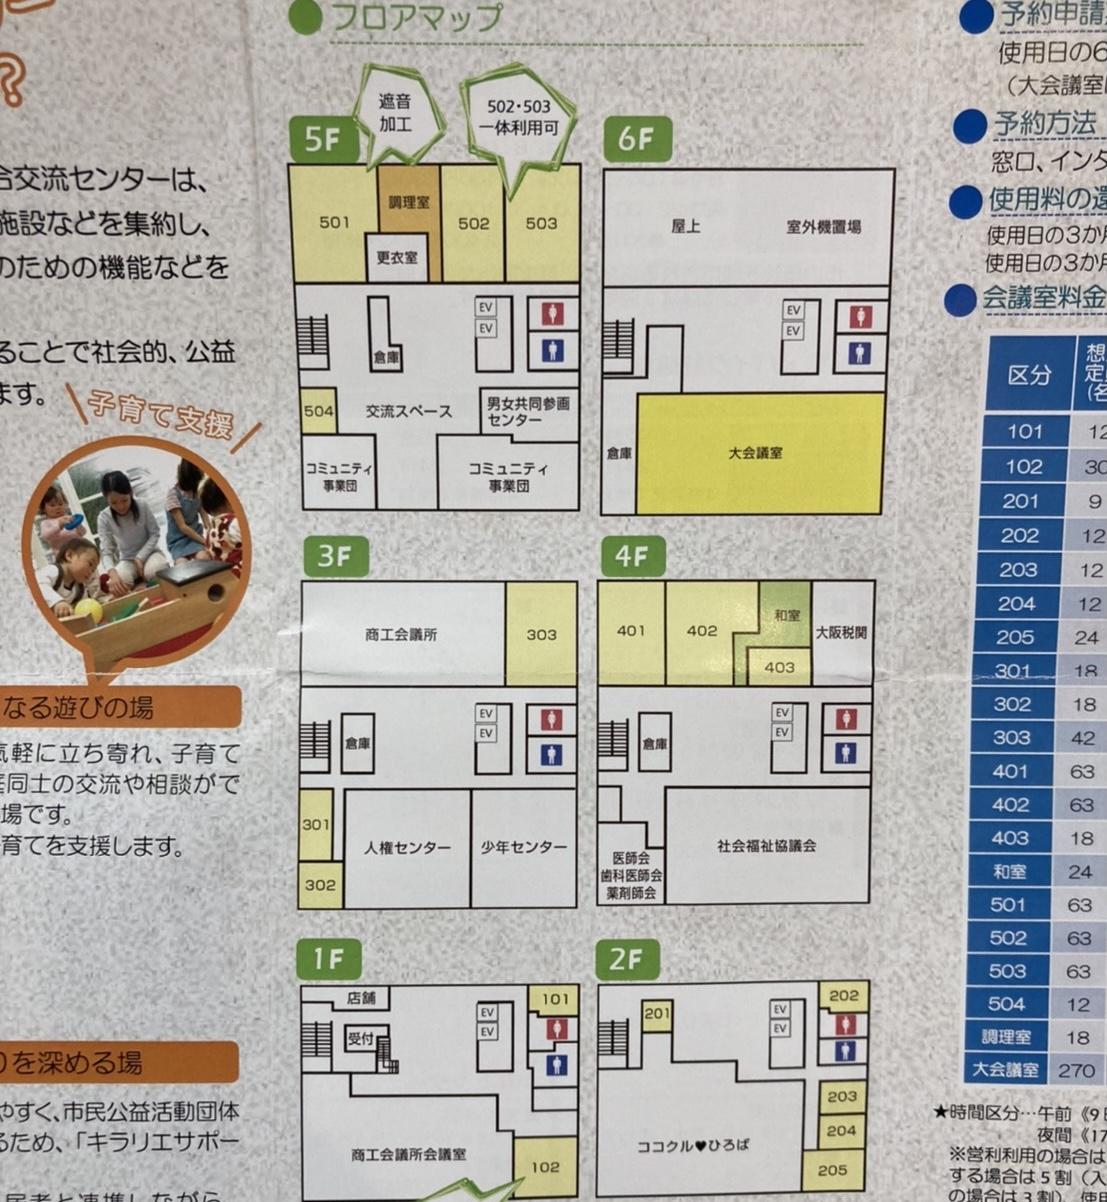 kirarie flor map